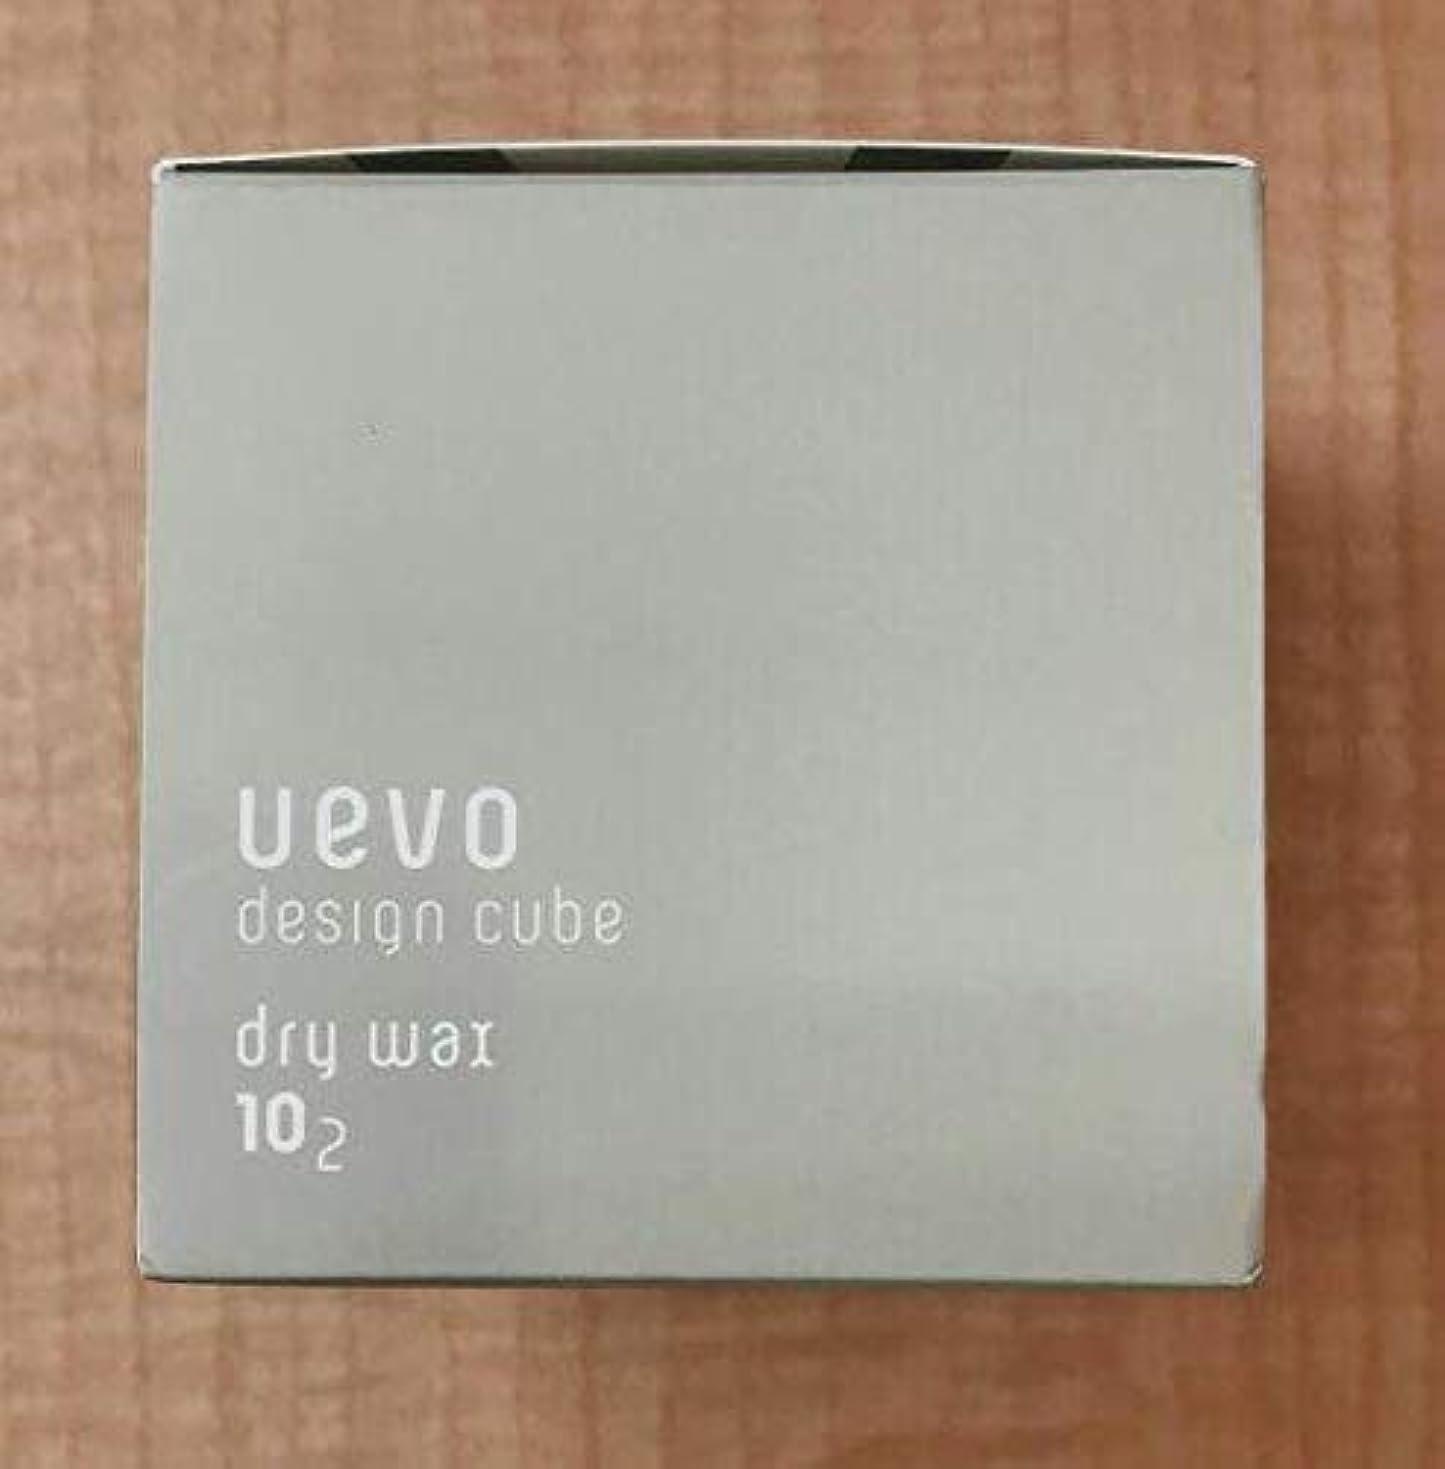 ベアリングパトワ陪審【X2個セット】 デミ ウェーボ デザインキューブ ドライワックス 80g dry wax